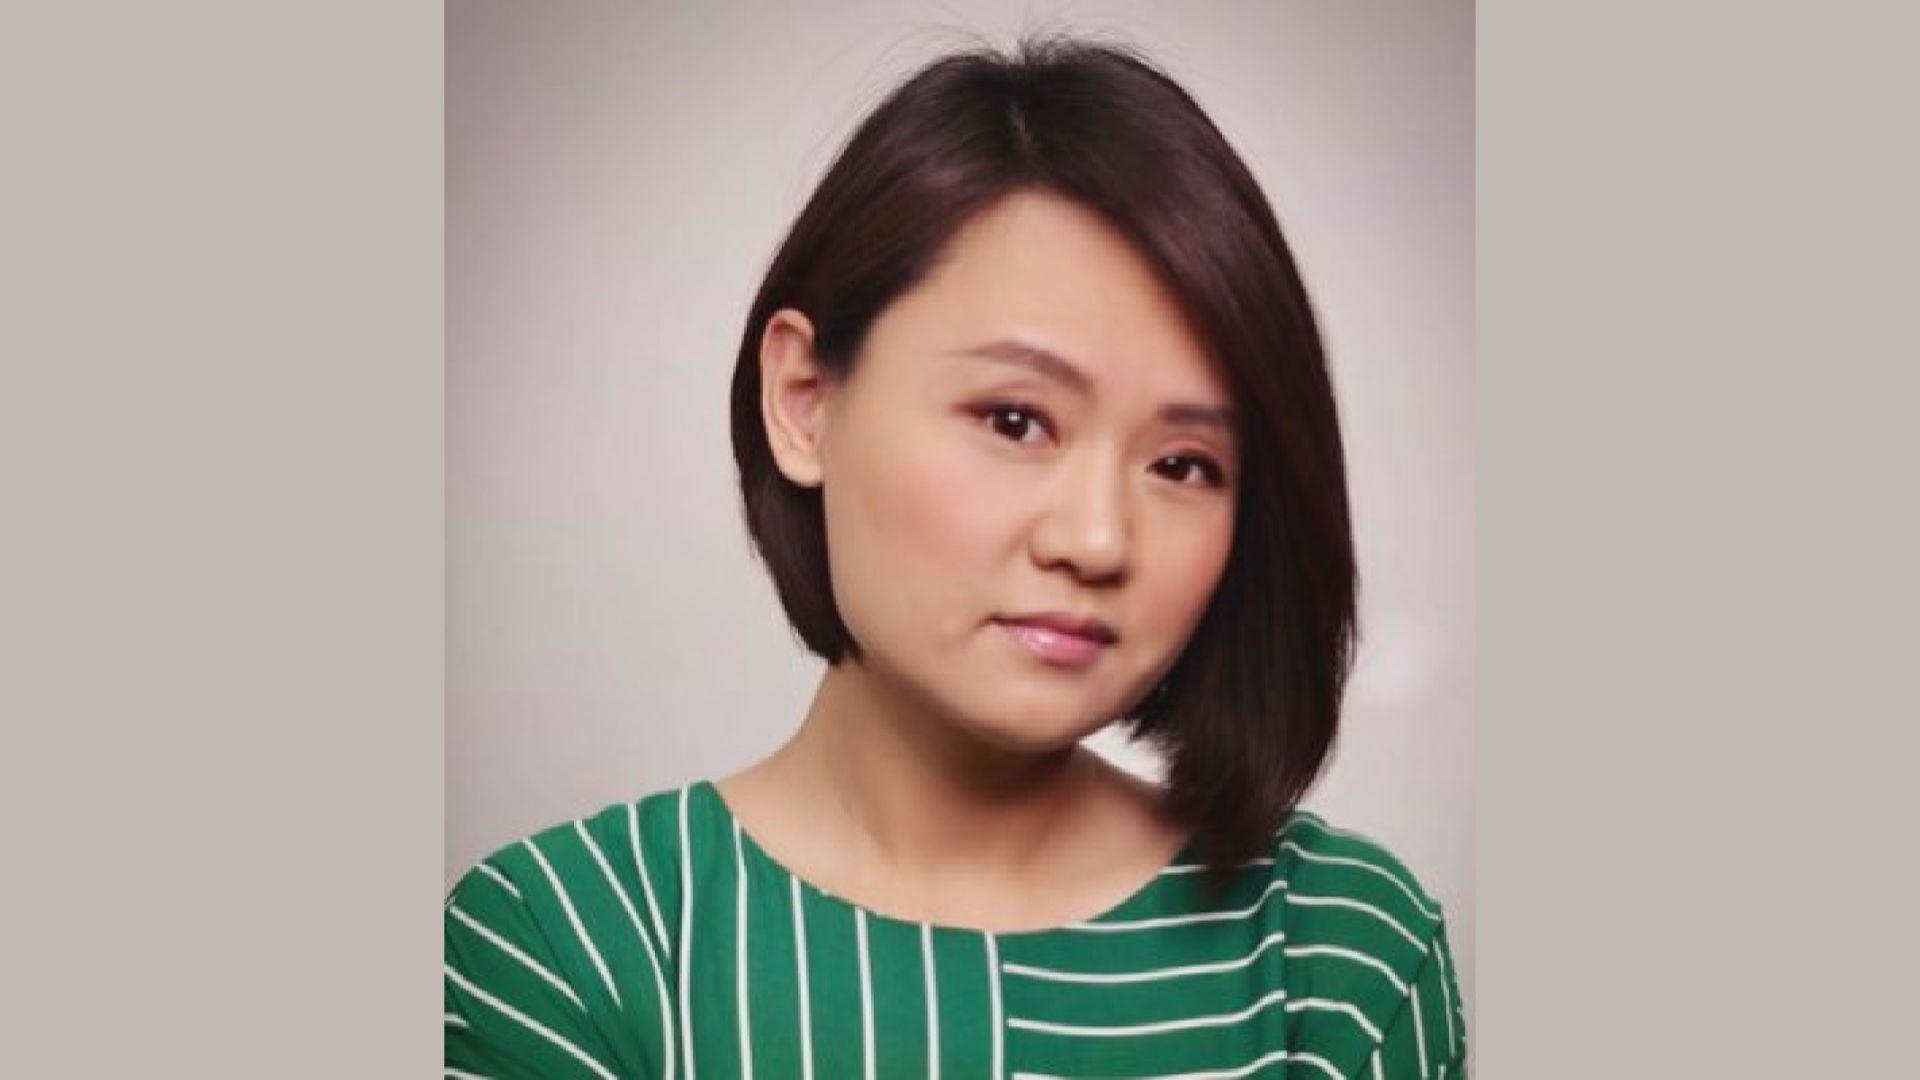 彭博新聞北京分社中國籍女職員涉危害國家安全被捕 案件正在調查